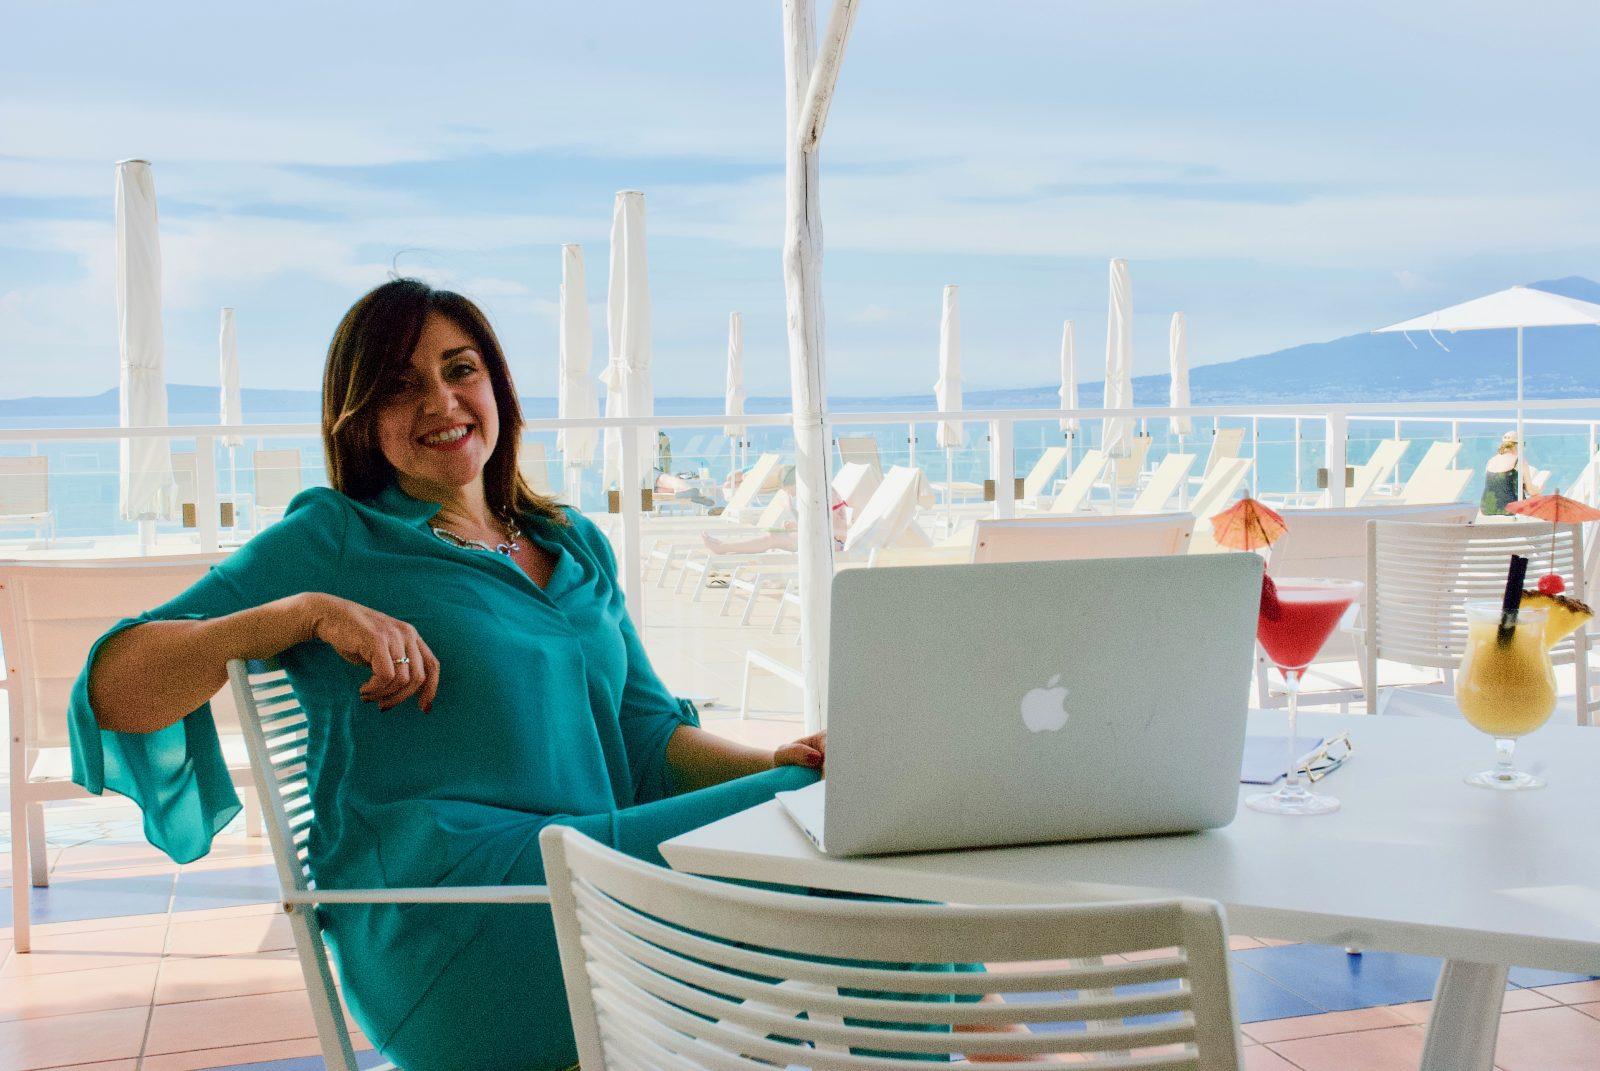 Conversioni: Silvia Rossi e il suo computer mostrano come usare i social media per ottenere conversioni per l'attività professionale di